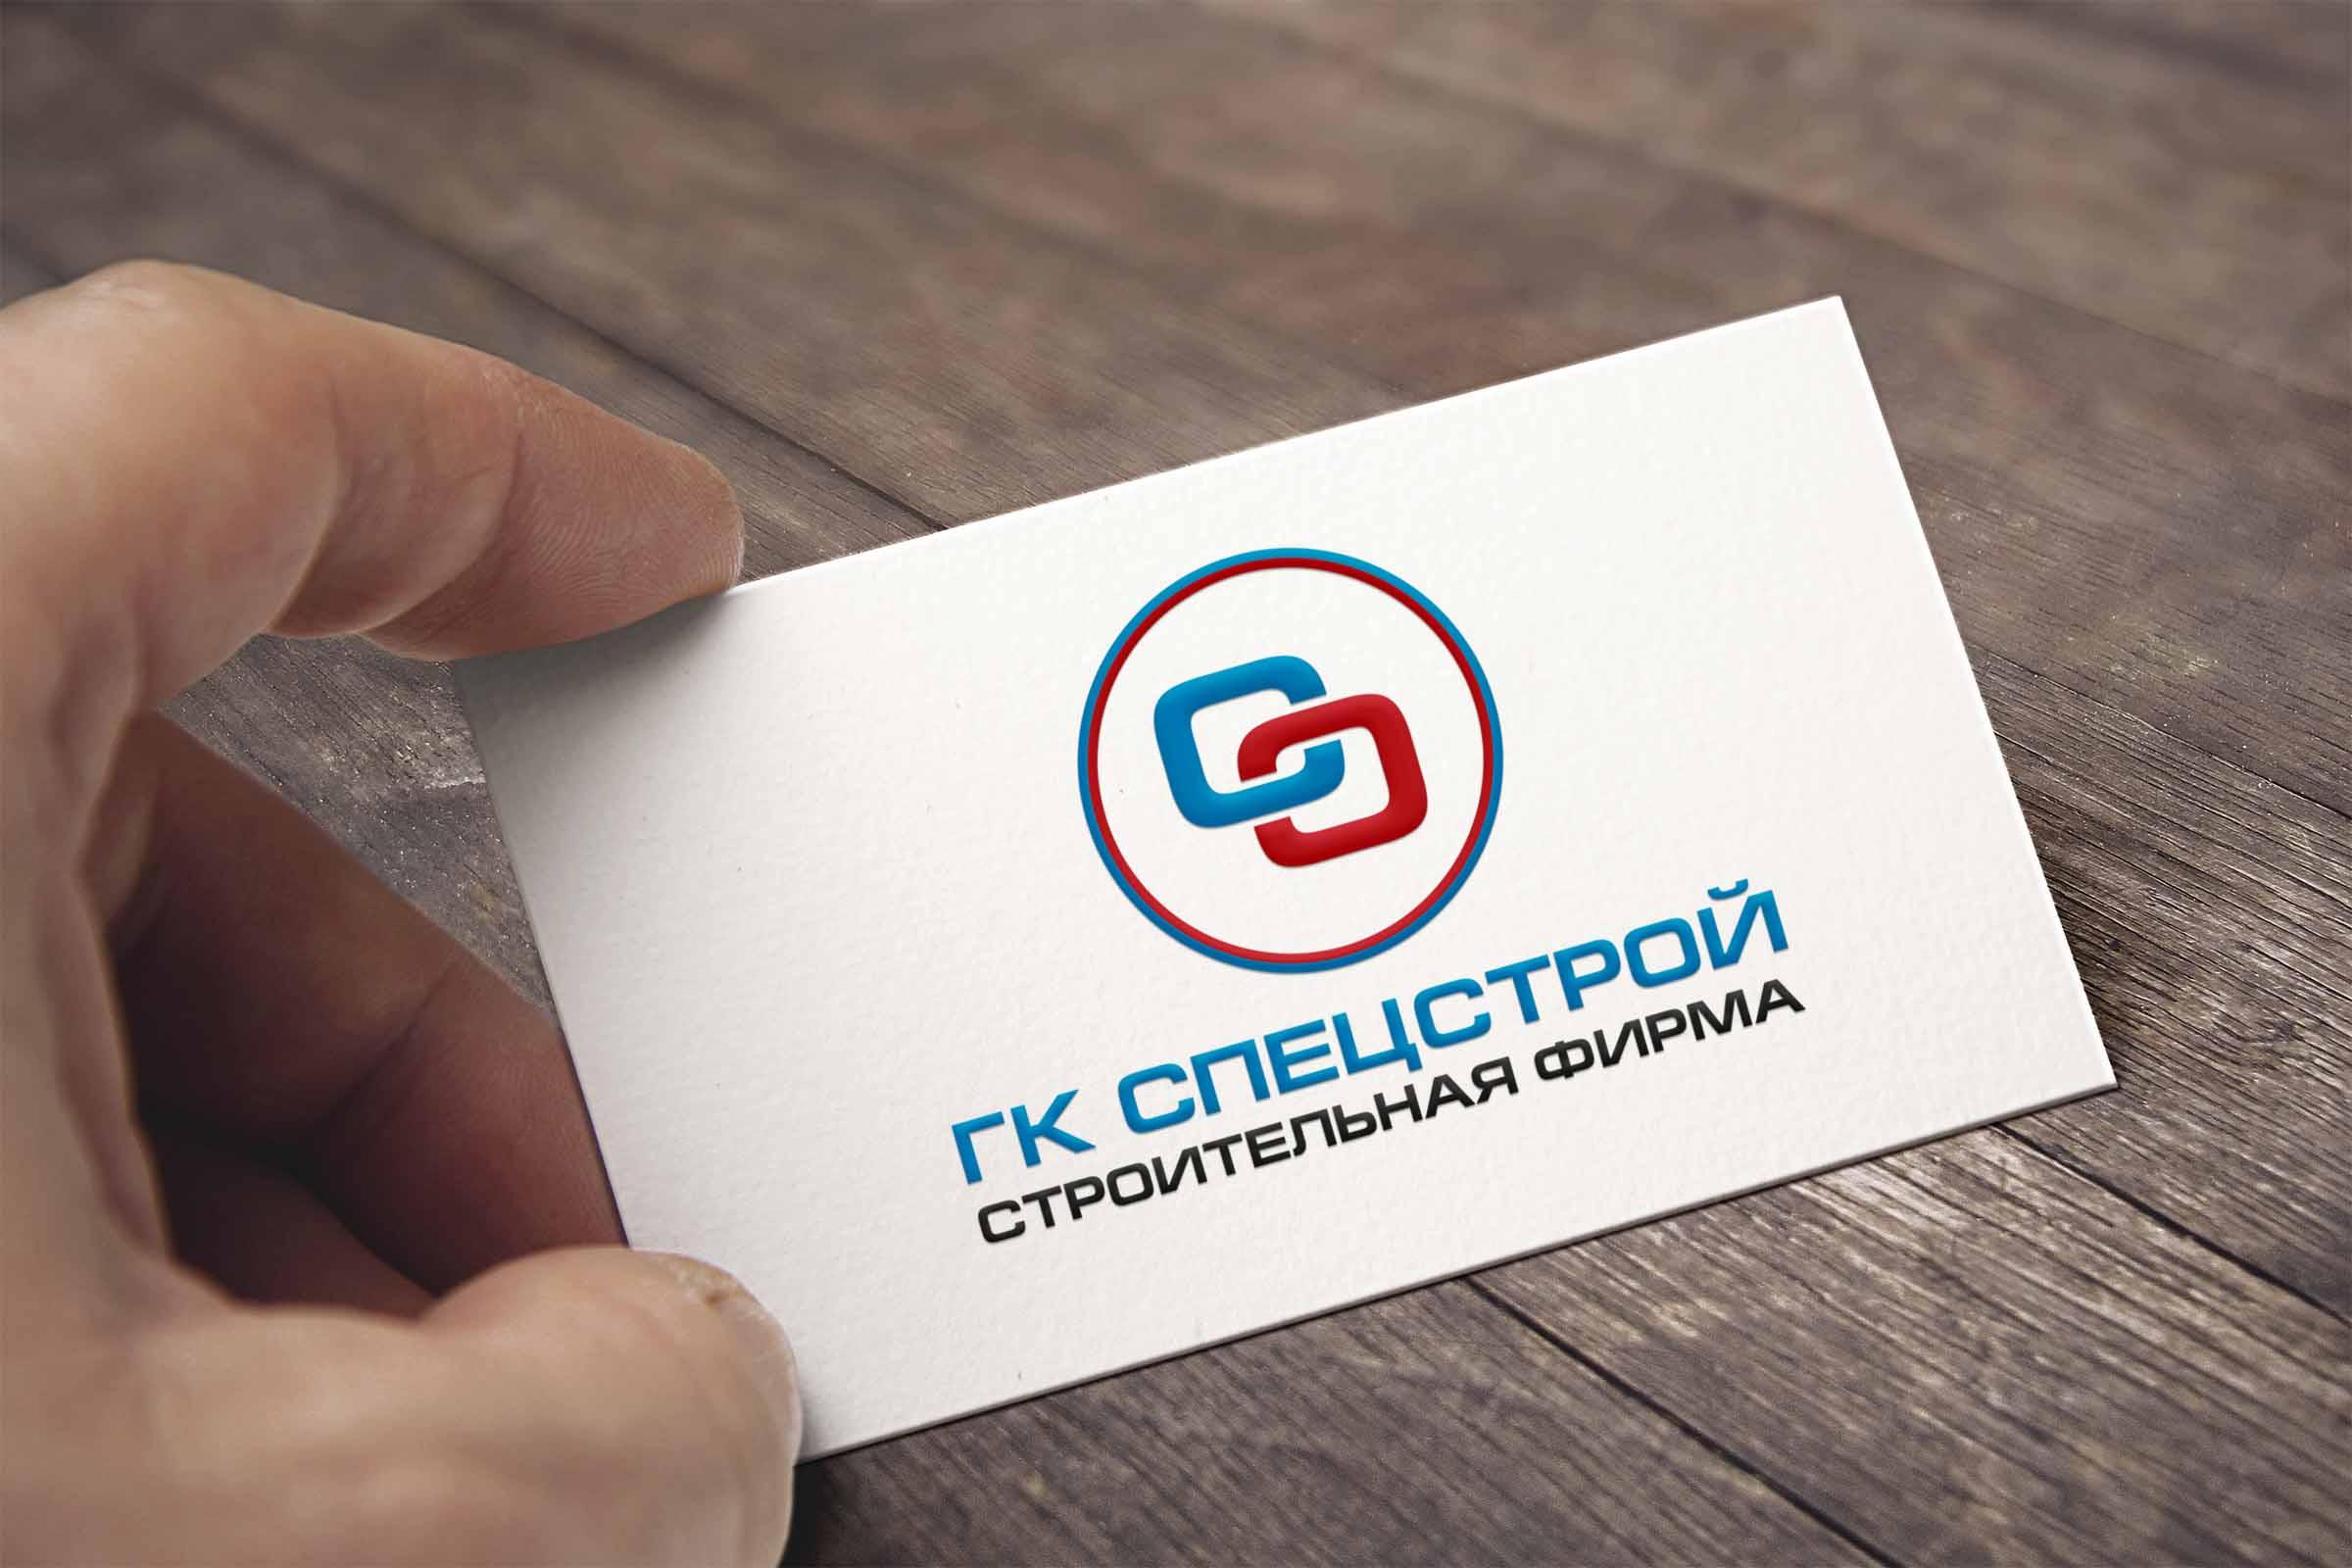 Нужно создать бланк организации и визитные карточки. фото f_78359d71589c4a4f.jpg